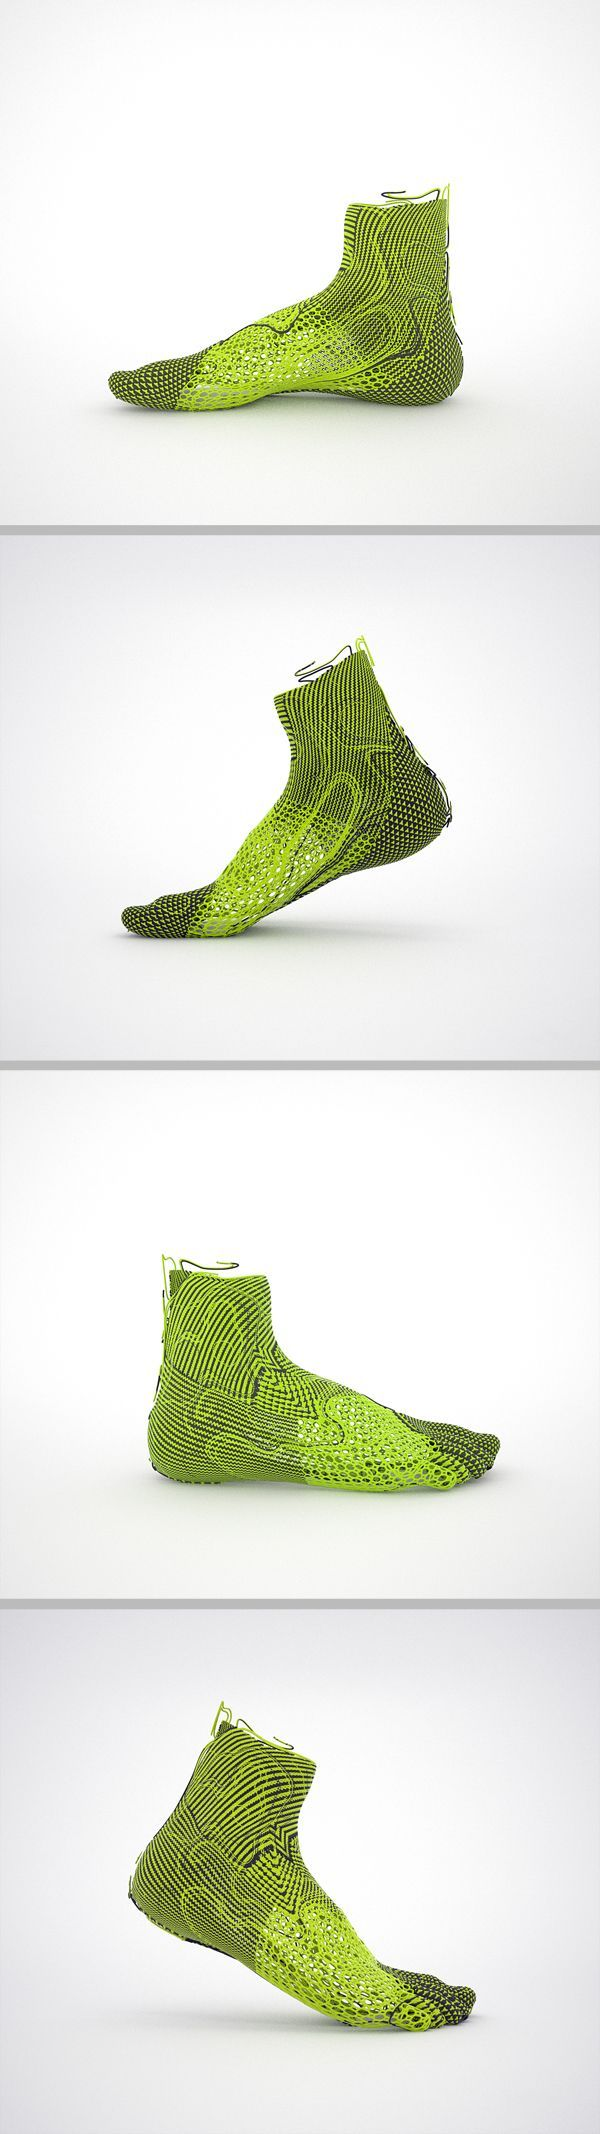 Nike Flyknit 2012 by deskriptiv, via Behance